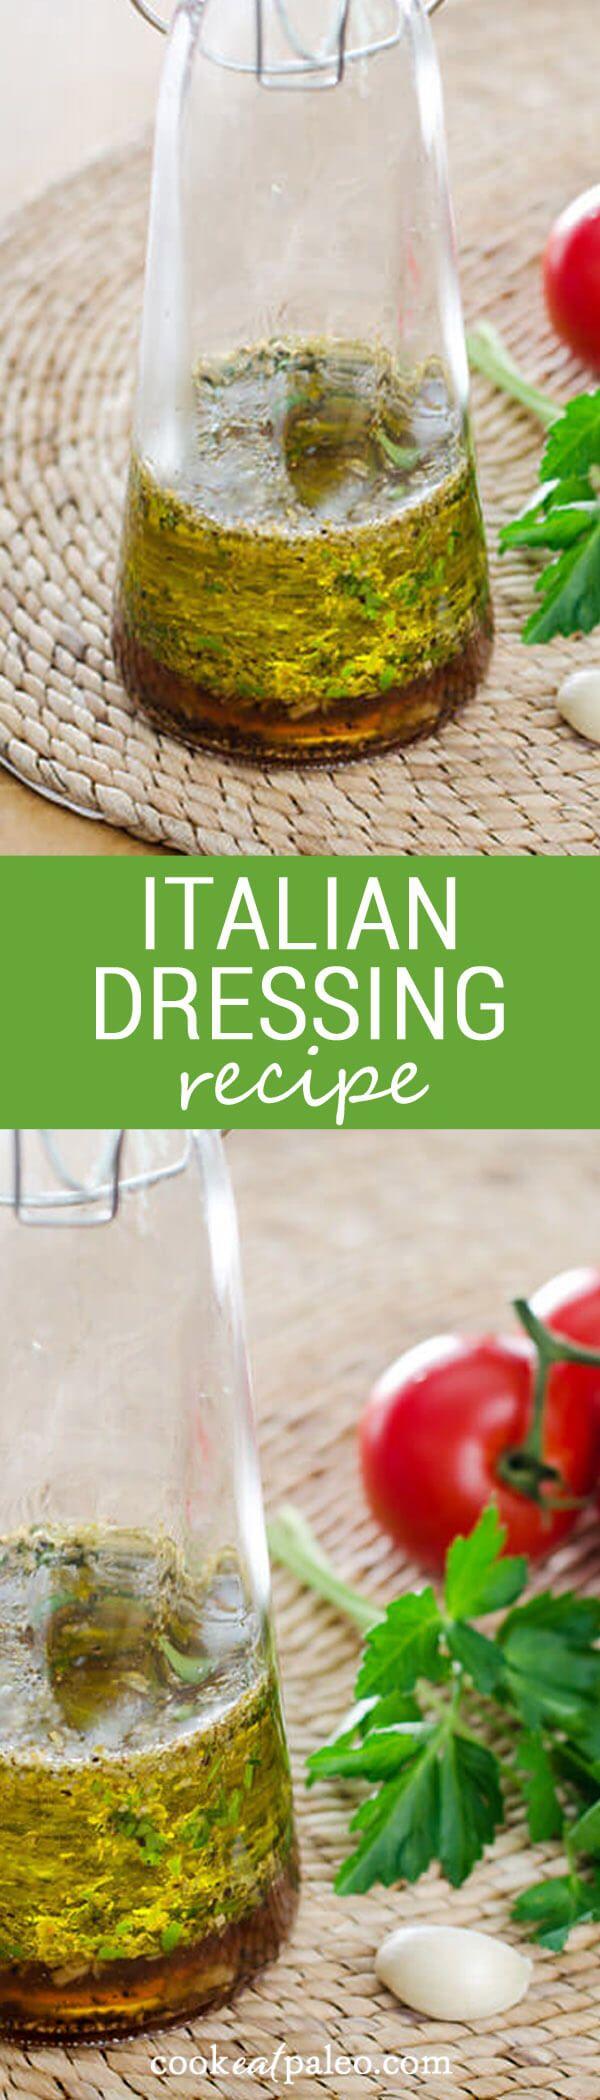 Hogyan készíts igazi olasz öntetet egyszerűen? Kattints a pinre! #dressing #salataontet #salata #olivaolaj #olasz #mediterran #recept #tescomagyarorszag